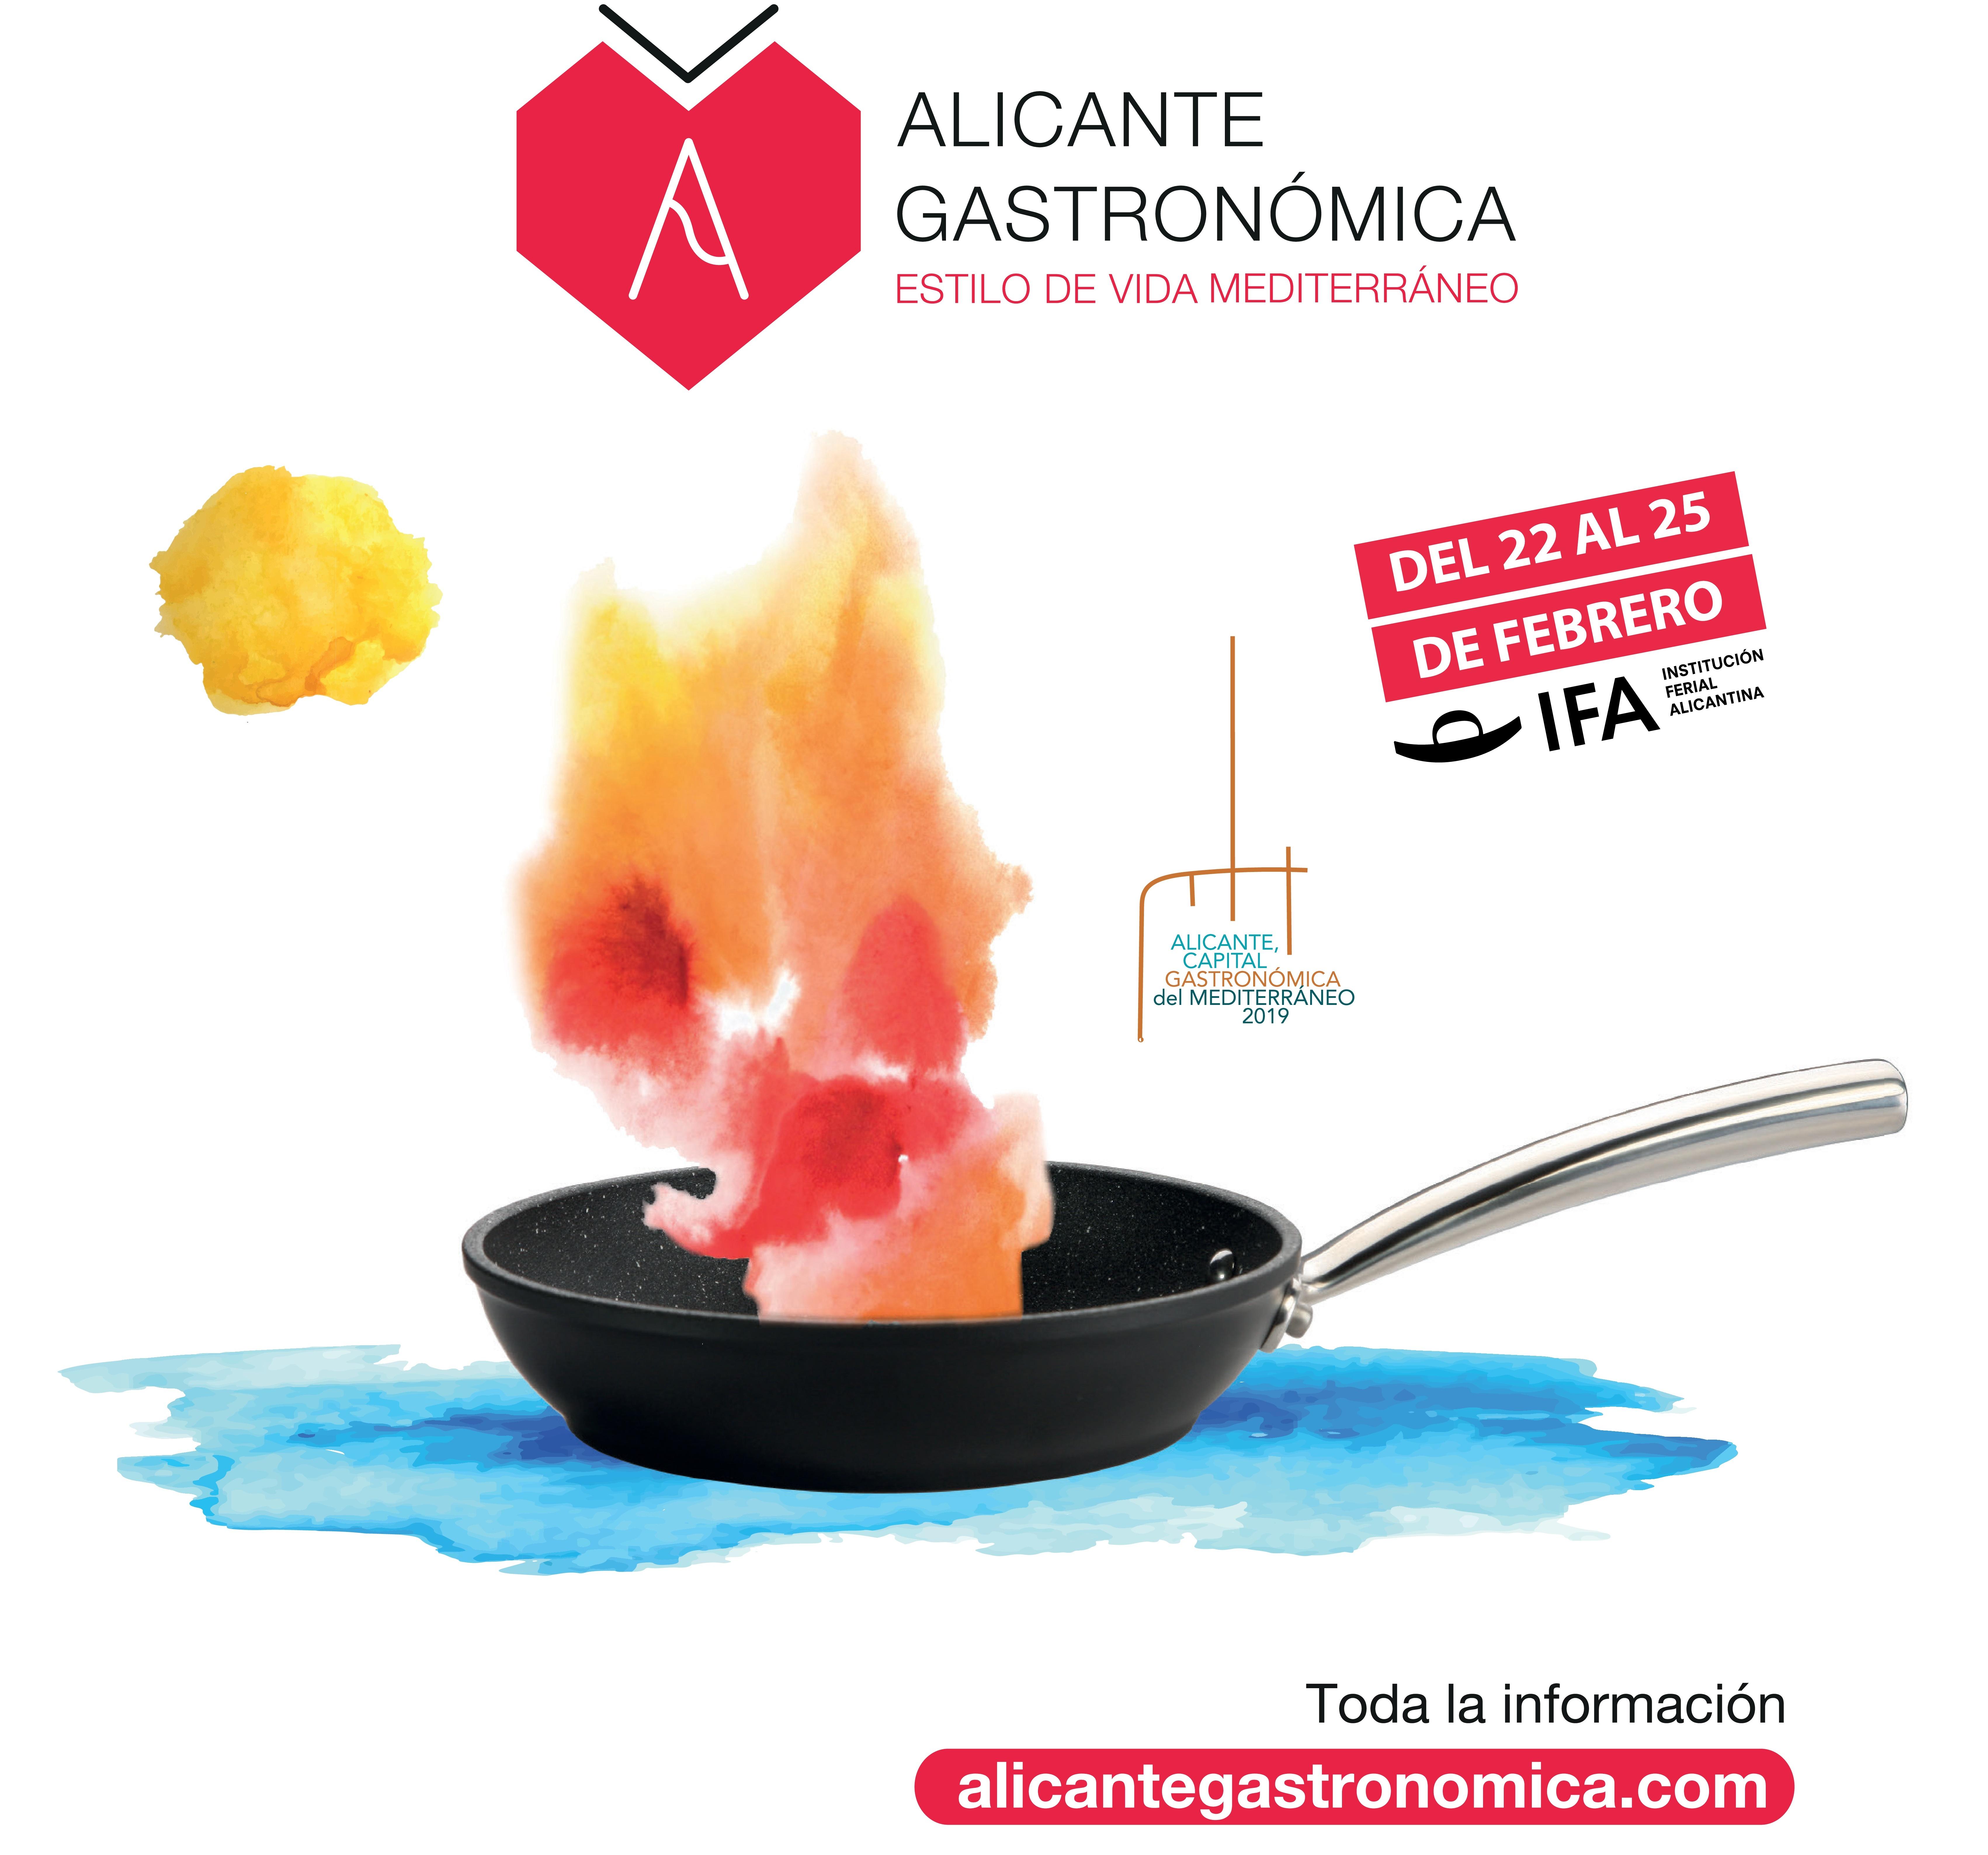 Nos Vemos En Alicante Gastronómica Del 22 Al 25 De Febrero